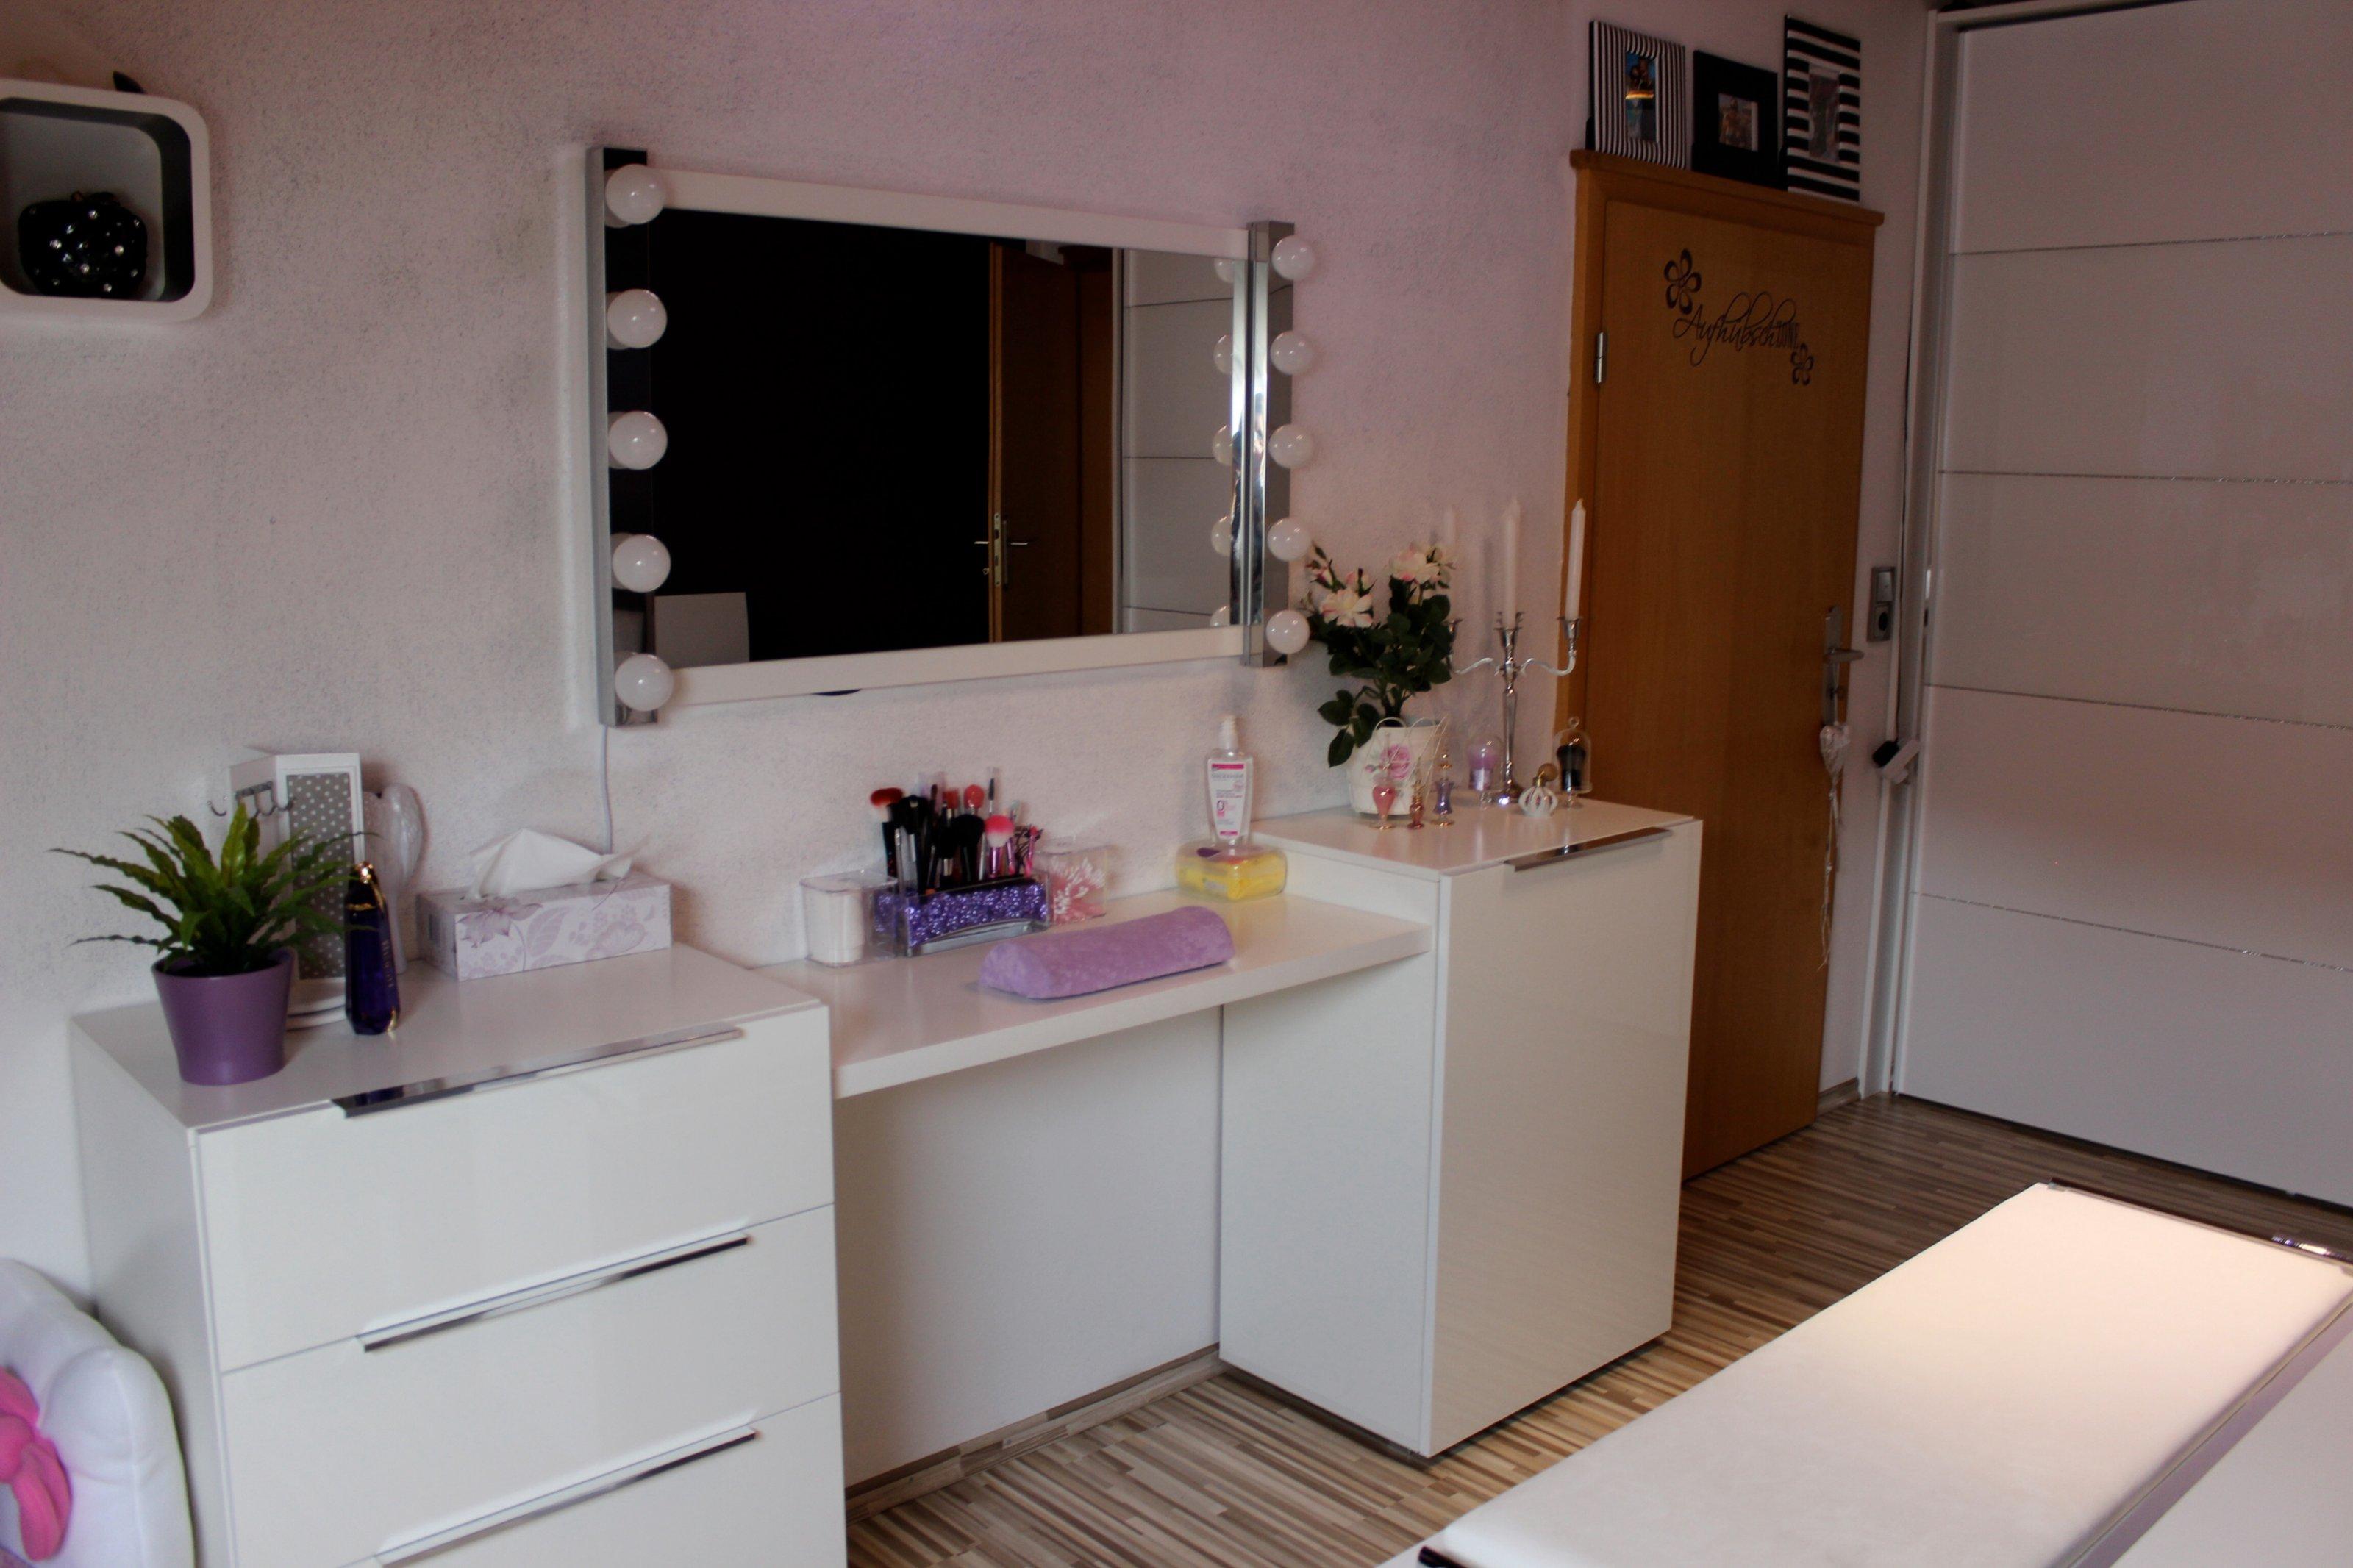 schlafzimmer unser geschenktes eigentum danke omii von julu 34864 zimmerschau. Black Bedroom Furniture Sets. Home Design Ideas